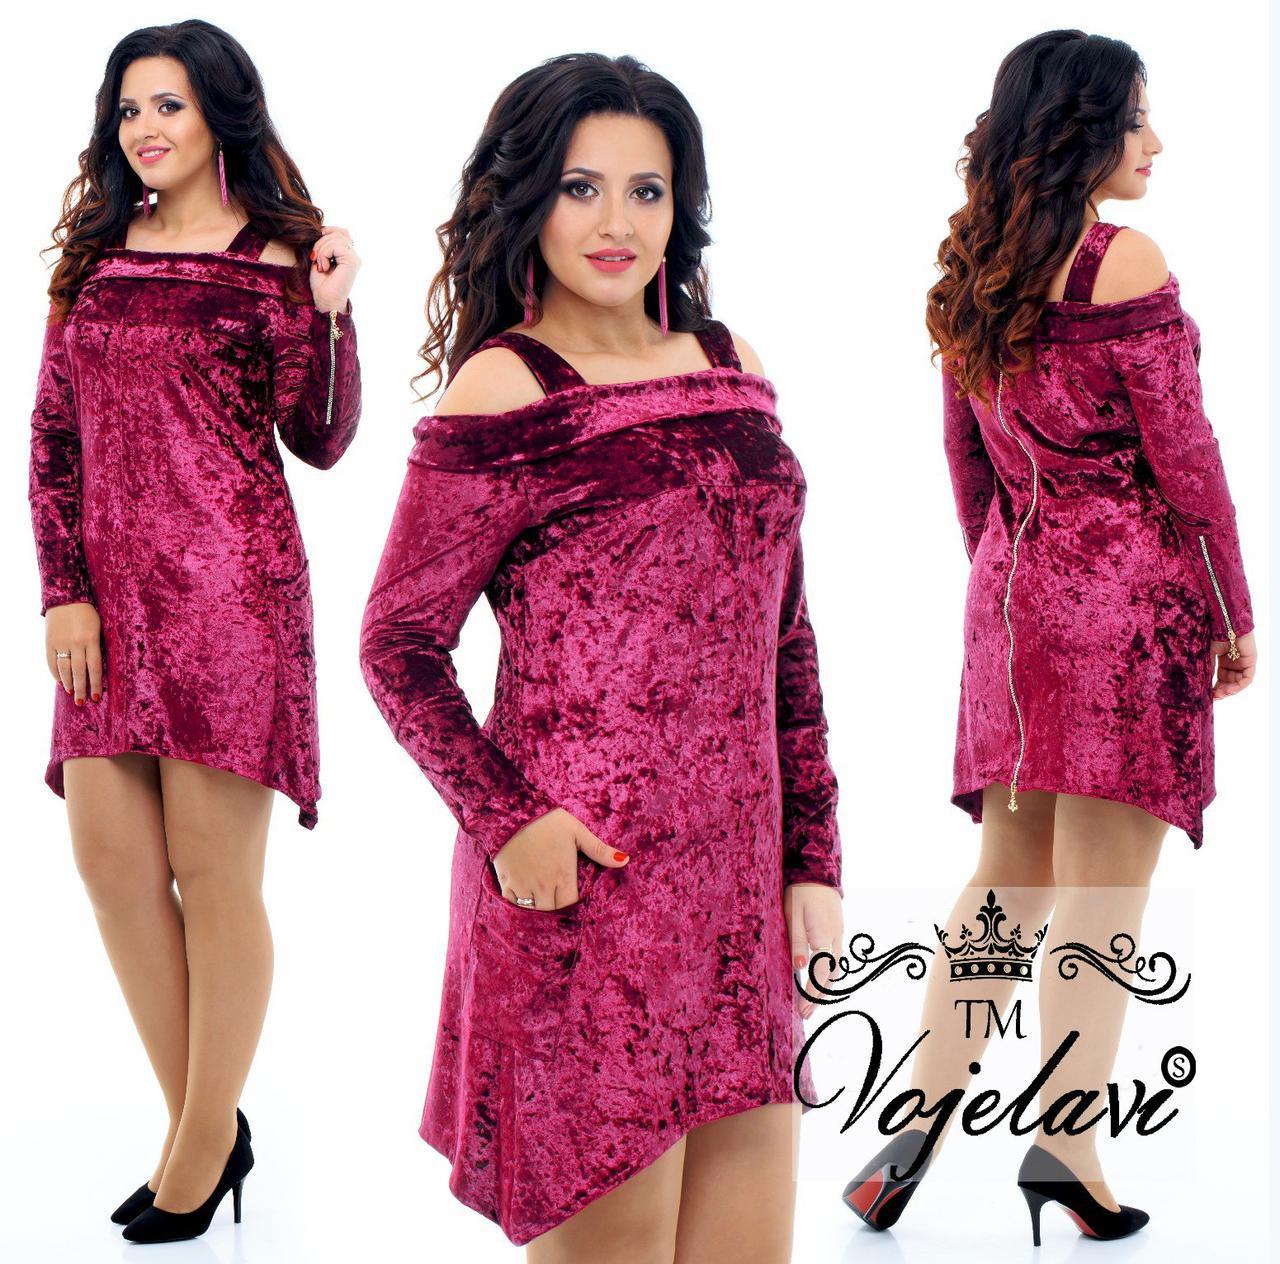 603cecf6741 Велюровое платье с карманчиками. 3 цвета. Р-ры  48